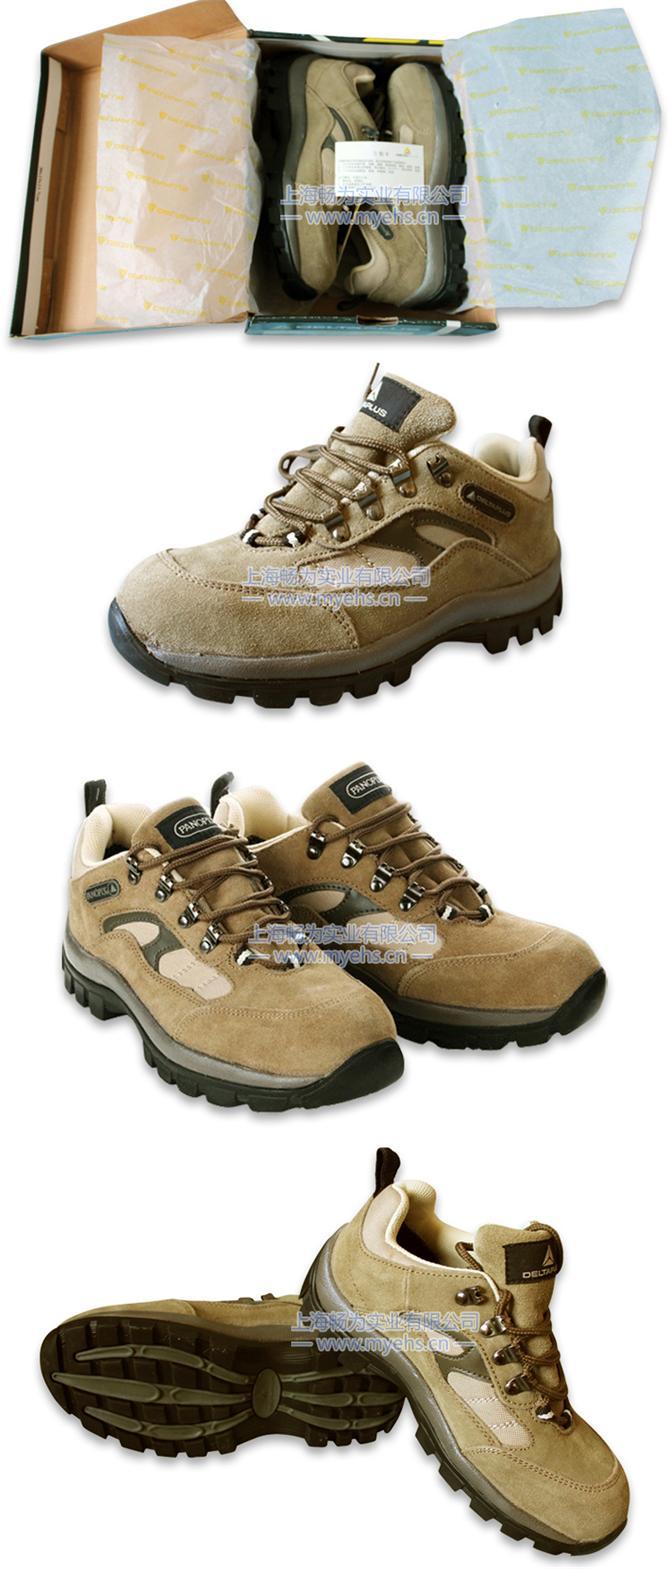 代尔塔301305 毛面牛皮安全鞋 产品展示